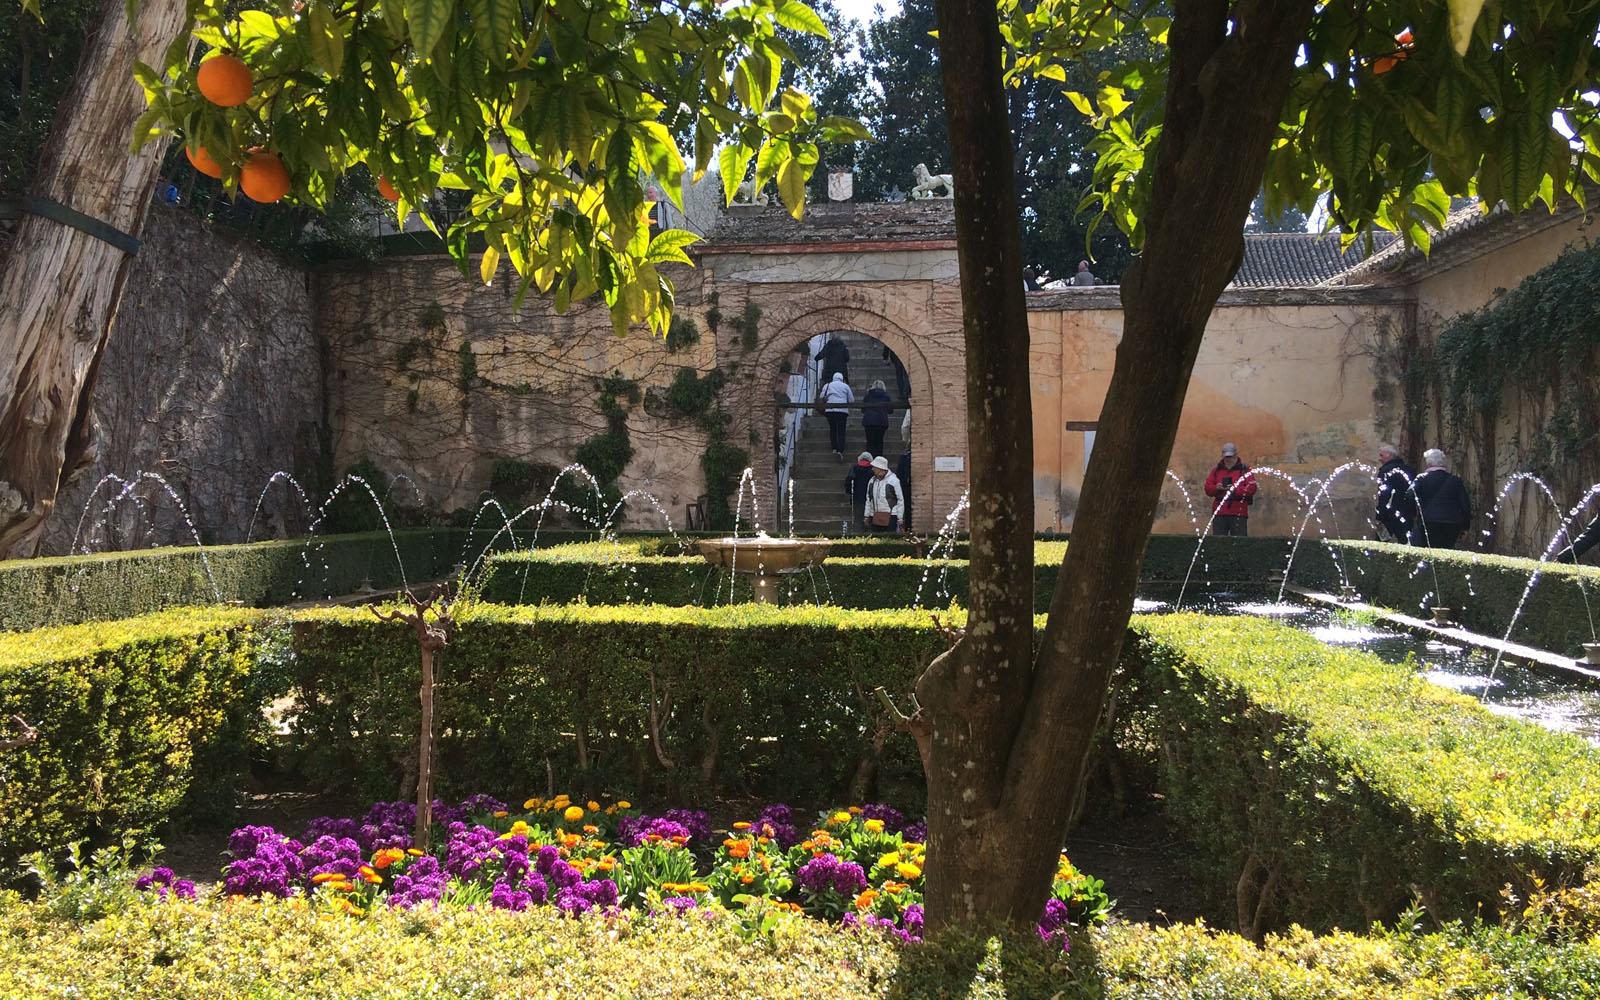 Uno dei suggestivi giardini dell'Alhambra di Granada, tra fontane zampillanti.